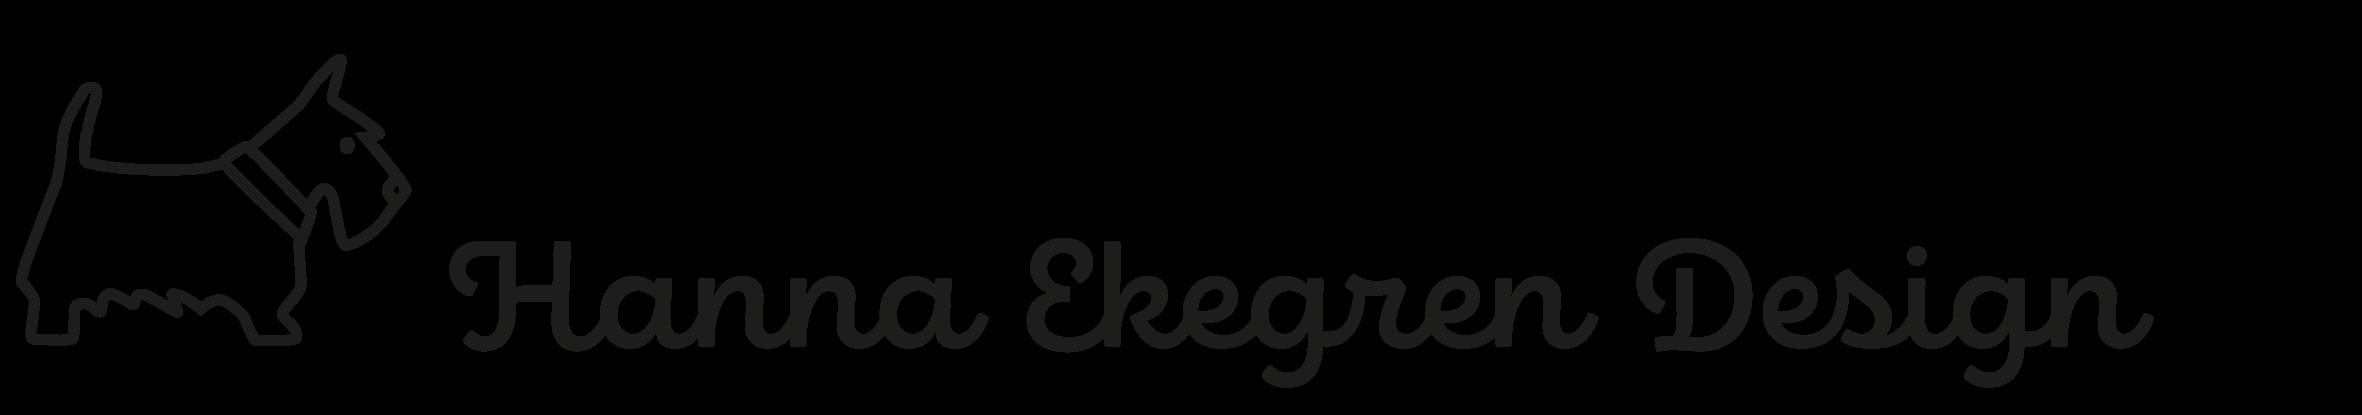 Hanna Ekegren   Graphic Design